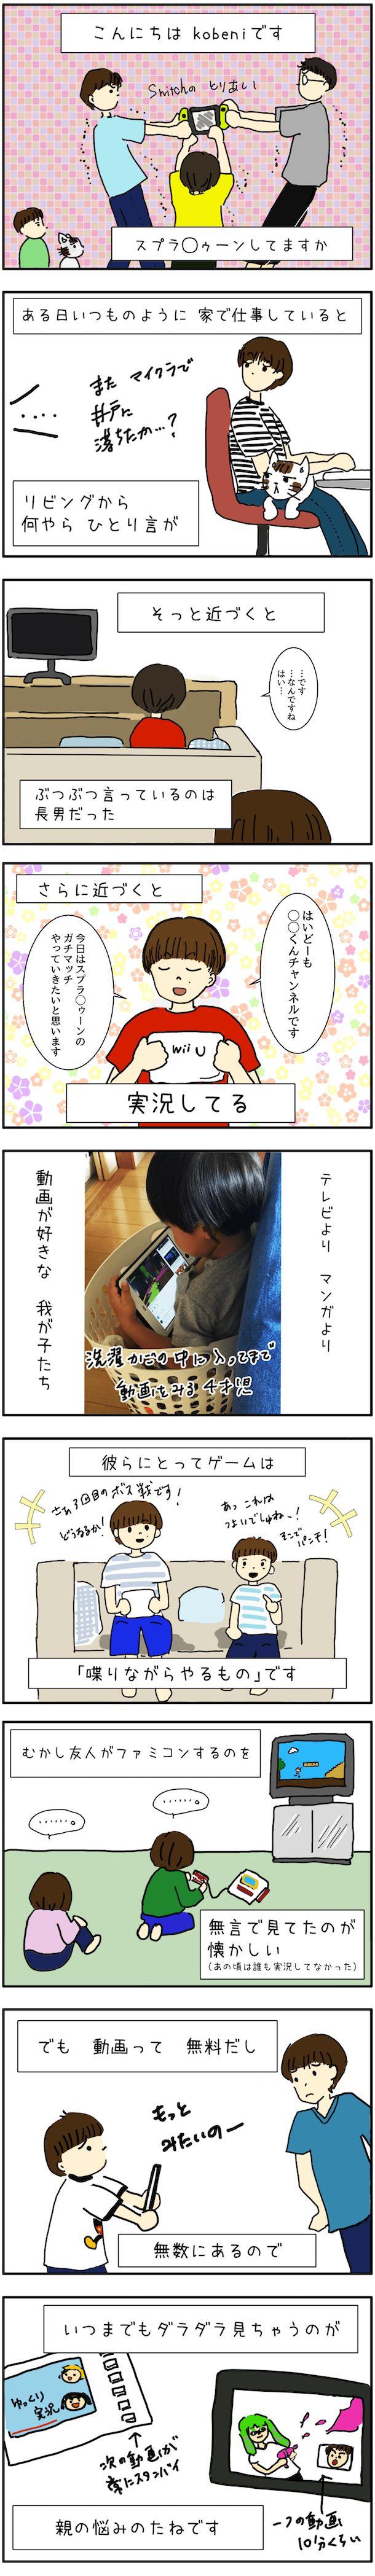 サイボウズ式:子どもが動画ばっかり見ていて不安……。それは「親のわたしたちの時になかった娯楽」だからかも